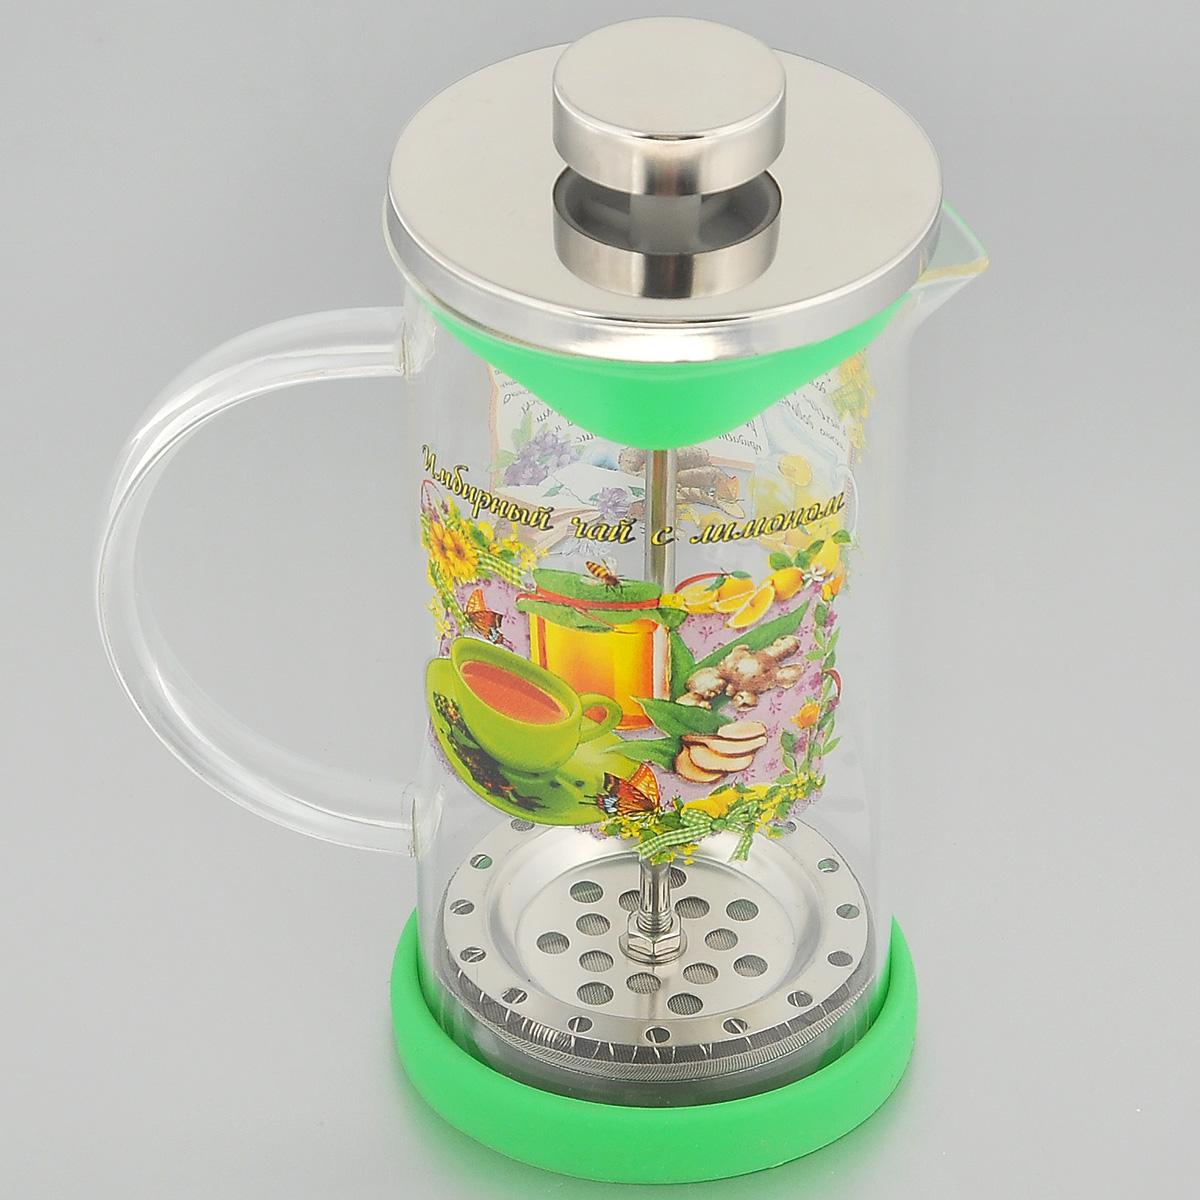 Френч-пресс LarangE Имбирный чай с лимоном, 350 мл544-211Френч-пресс LarangE Имбирный чай с лимоном поможет заварить вкусный и ароматный чай, кофе, а также целебные травяные напитки. Корпус и ручка изделия выполнены из высококачественного жаропрочного стекла, устойчивого к окрашиванию, царапинам и термошоку. Ручка не нагревается и безопасна для использования. Фильтр-поршень из нержавеющей стали, выполнен по технологии press-up для обеспечения равномерной циркуляции воды и высокой фильтрации напитка. Яркая подставка из инертного силикона препятствует скольжению френч-пресса, так как высокая эластичность силикона обеспечивает плотное прилегание подставки к колбе. Внешние стенки френч-пресса оформлены рецептом чая из лекарственных трав, плодов и ягод. Можно мыть в посудомоечной машине. Объем: 350 мл. Диаметр (по верхнему краю): 7 см. Высота френч-пресса: 16,5 см.